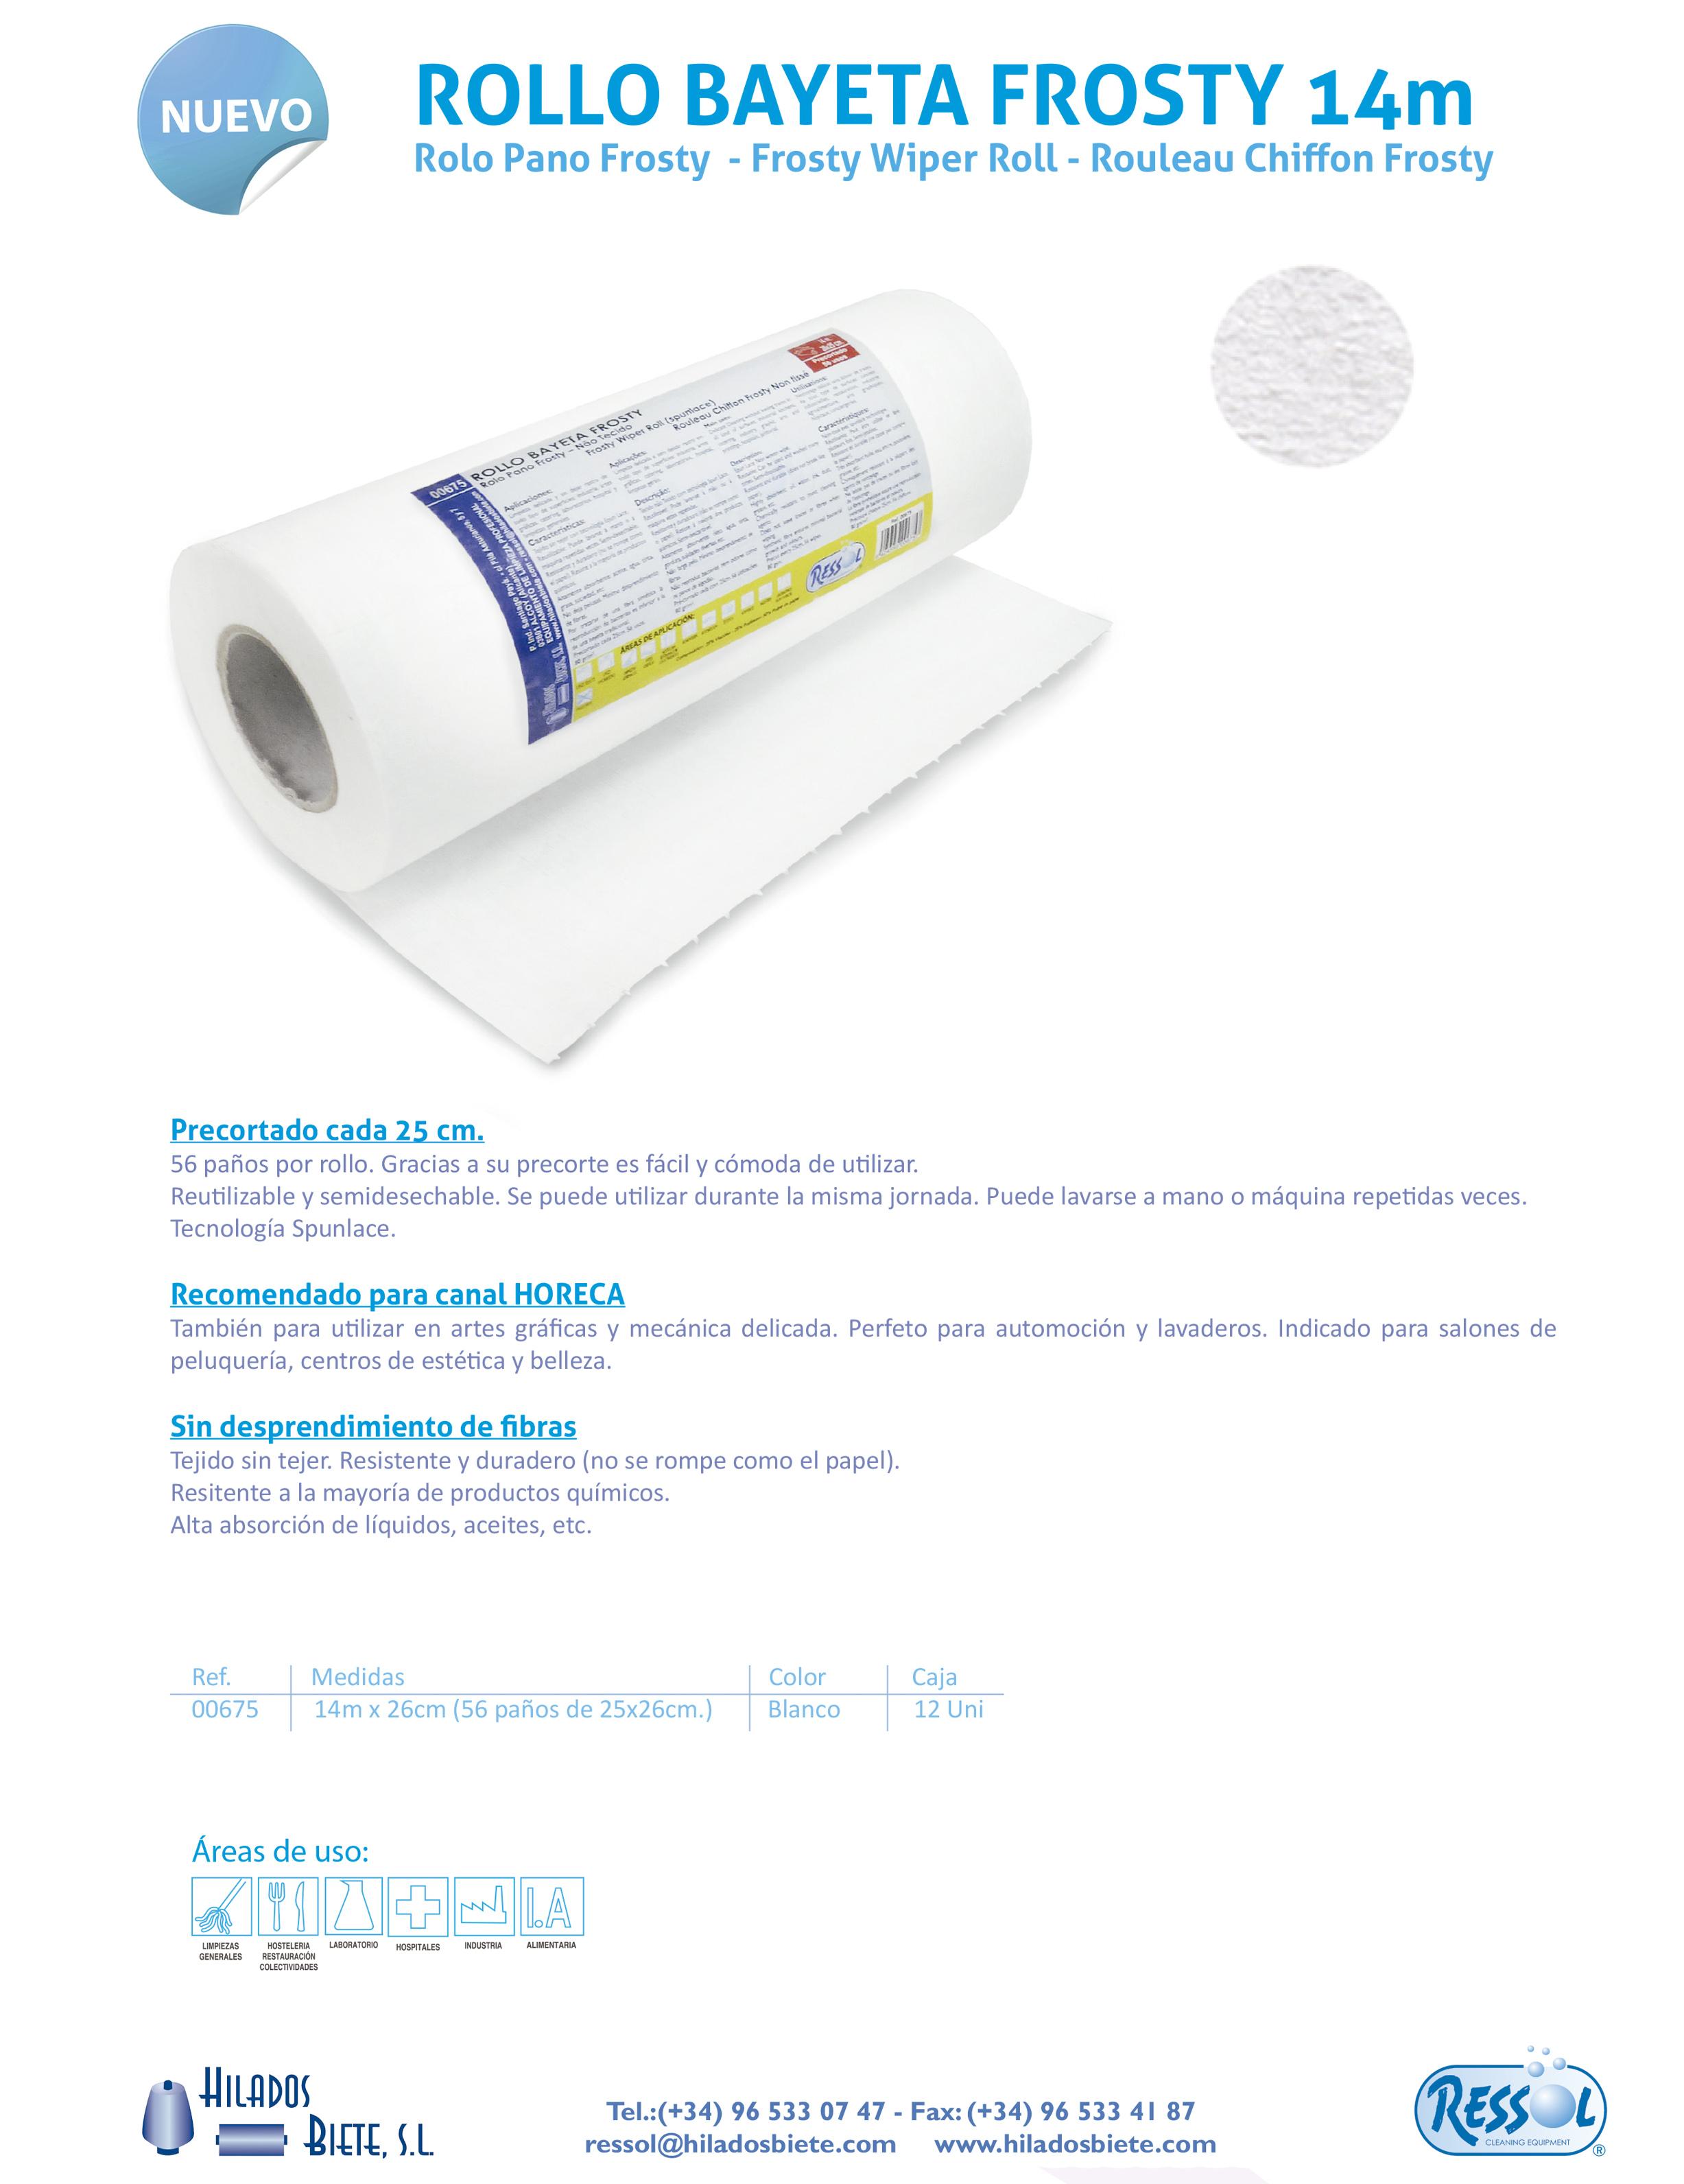 rollo bayeta frosty tejidosintejer